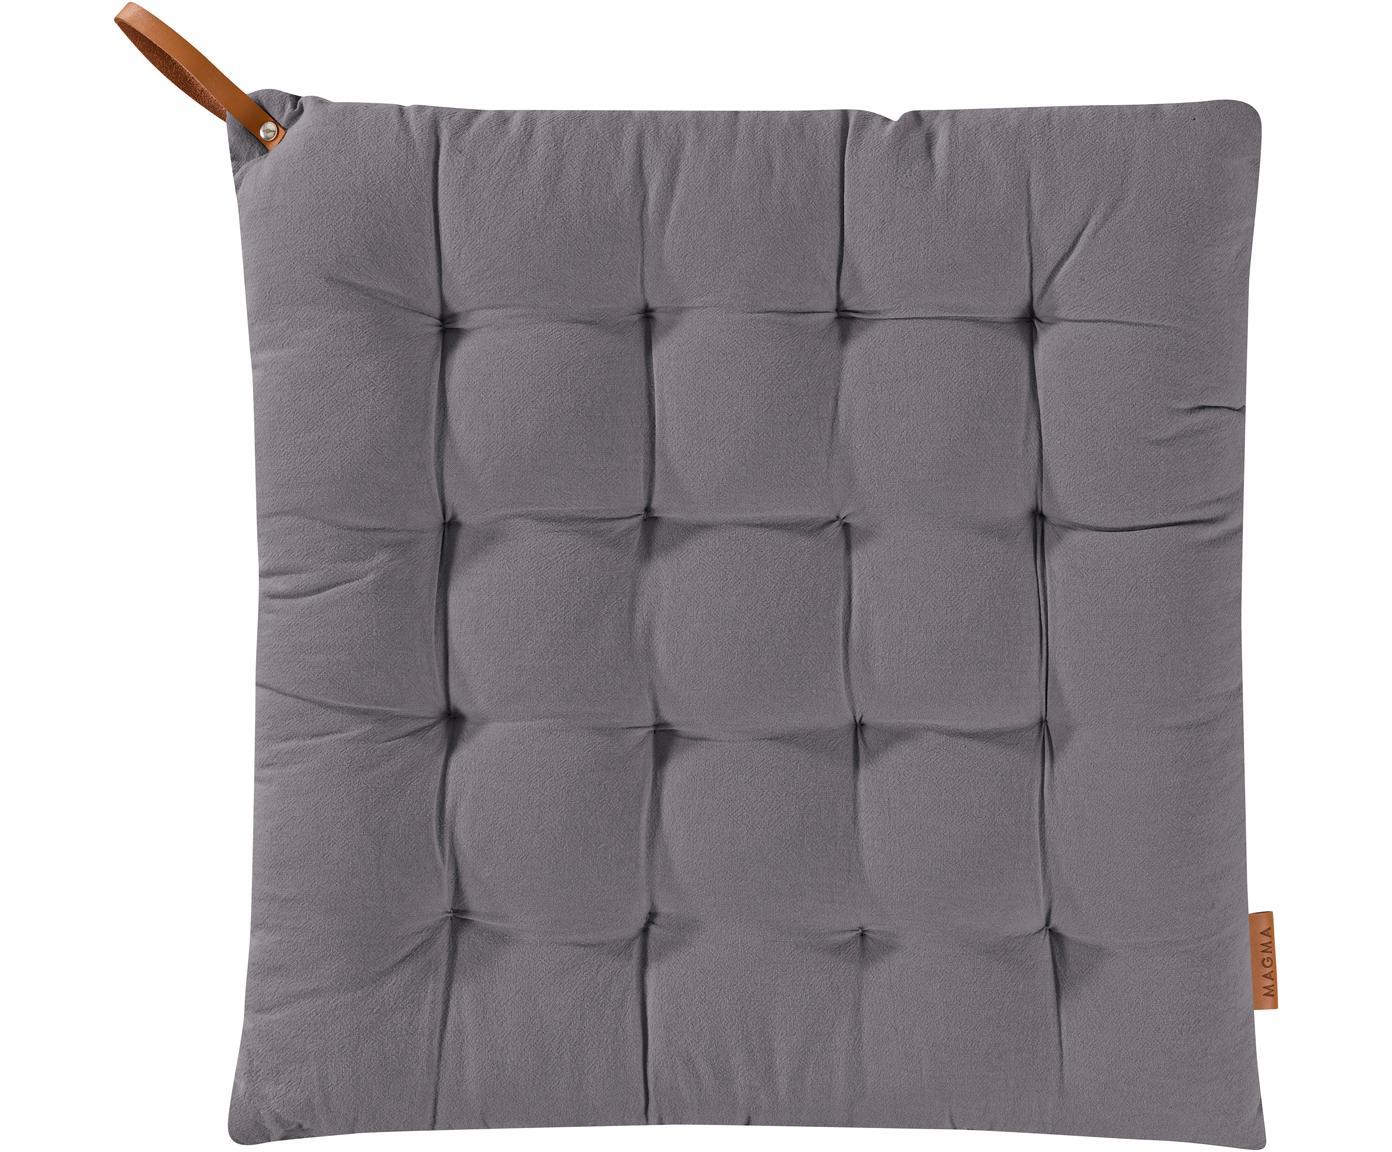 Cojín de asiento Billie, Algodón, Gris antracita, An 40 x L 40 cm